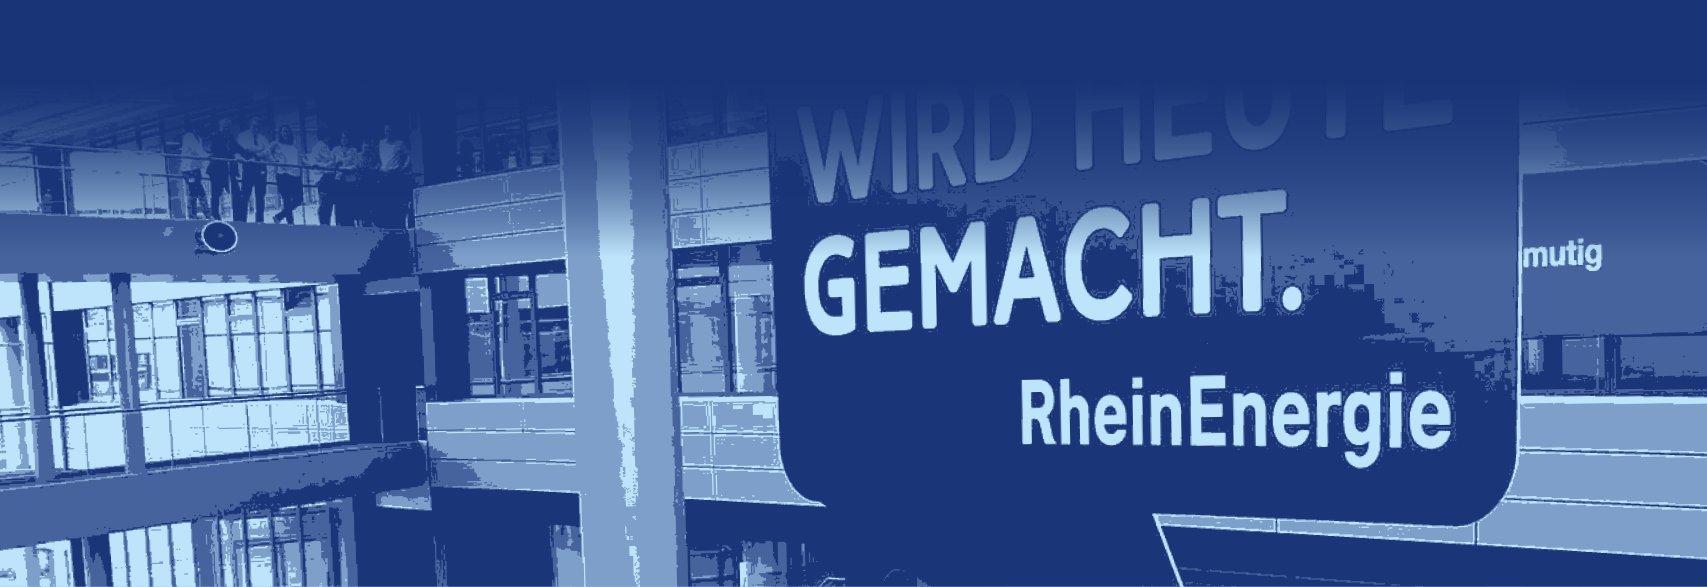 RheinEnergie